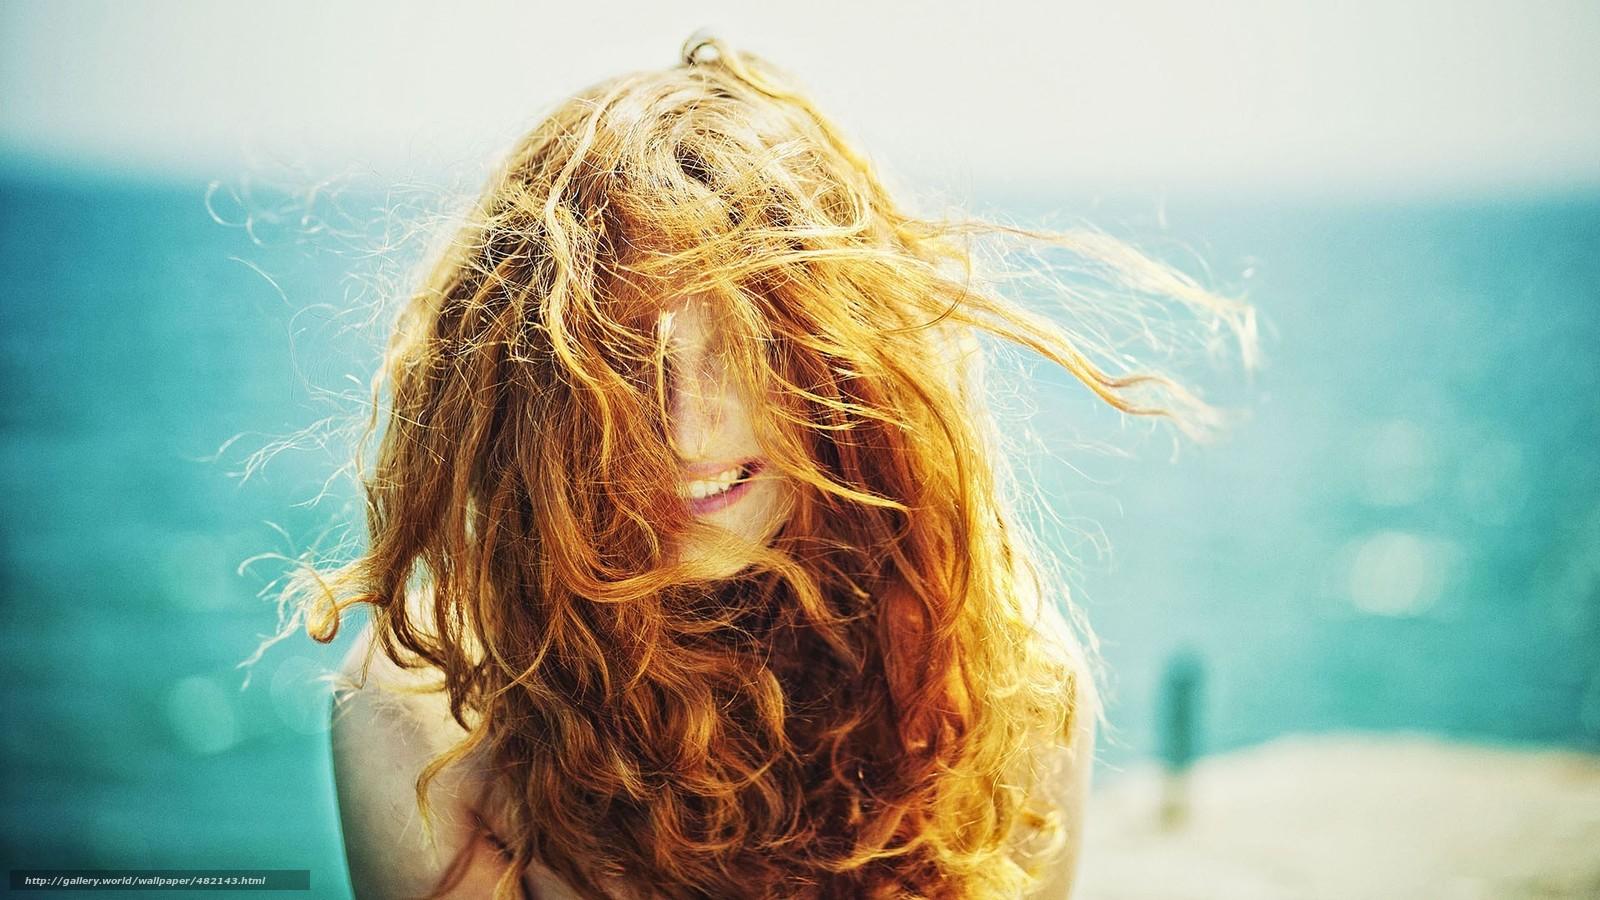 Фотографии рыжих девушек у моря 19 фотография